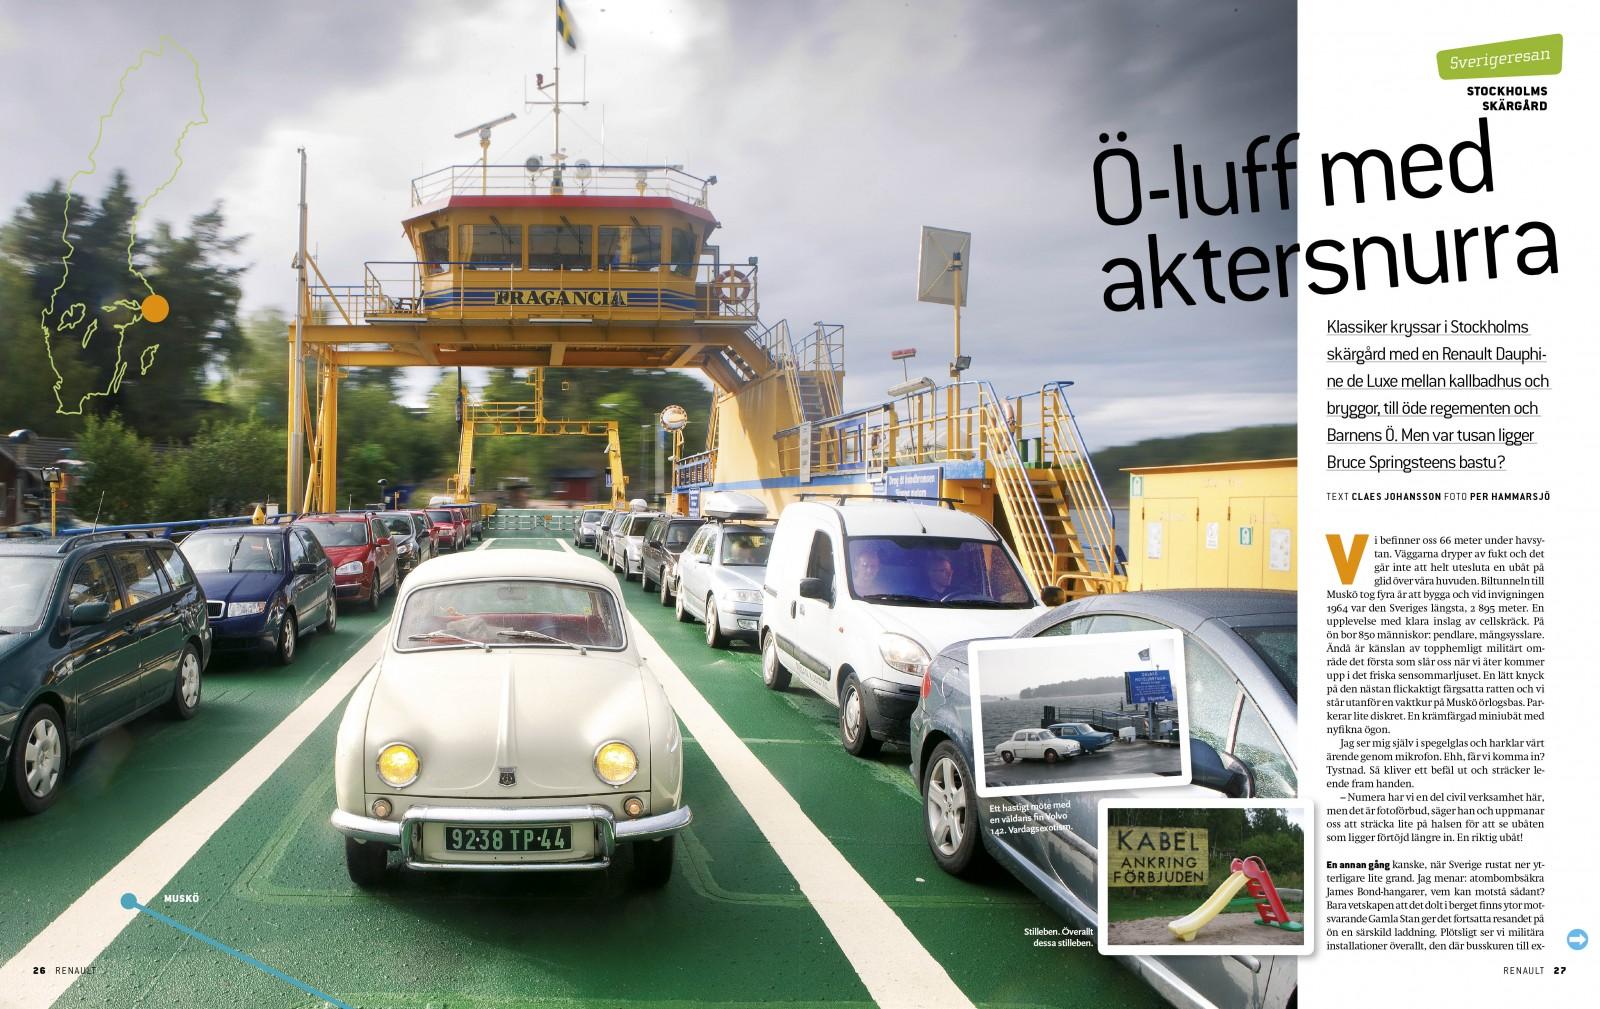 Dauphine som upplevelsebil i Stockholms skärgård – en fullträff!